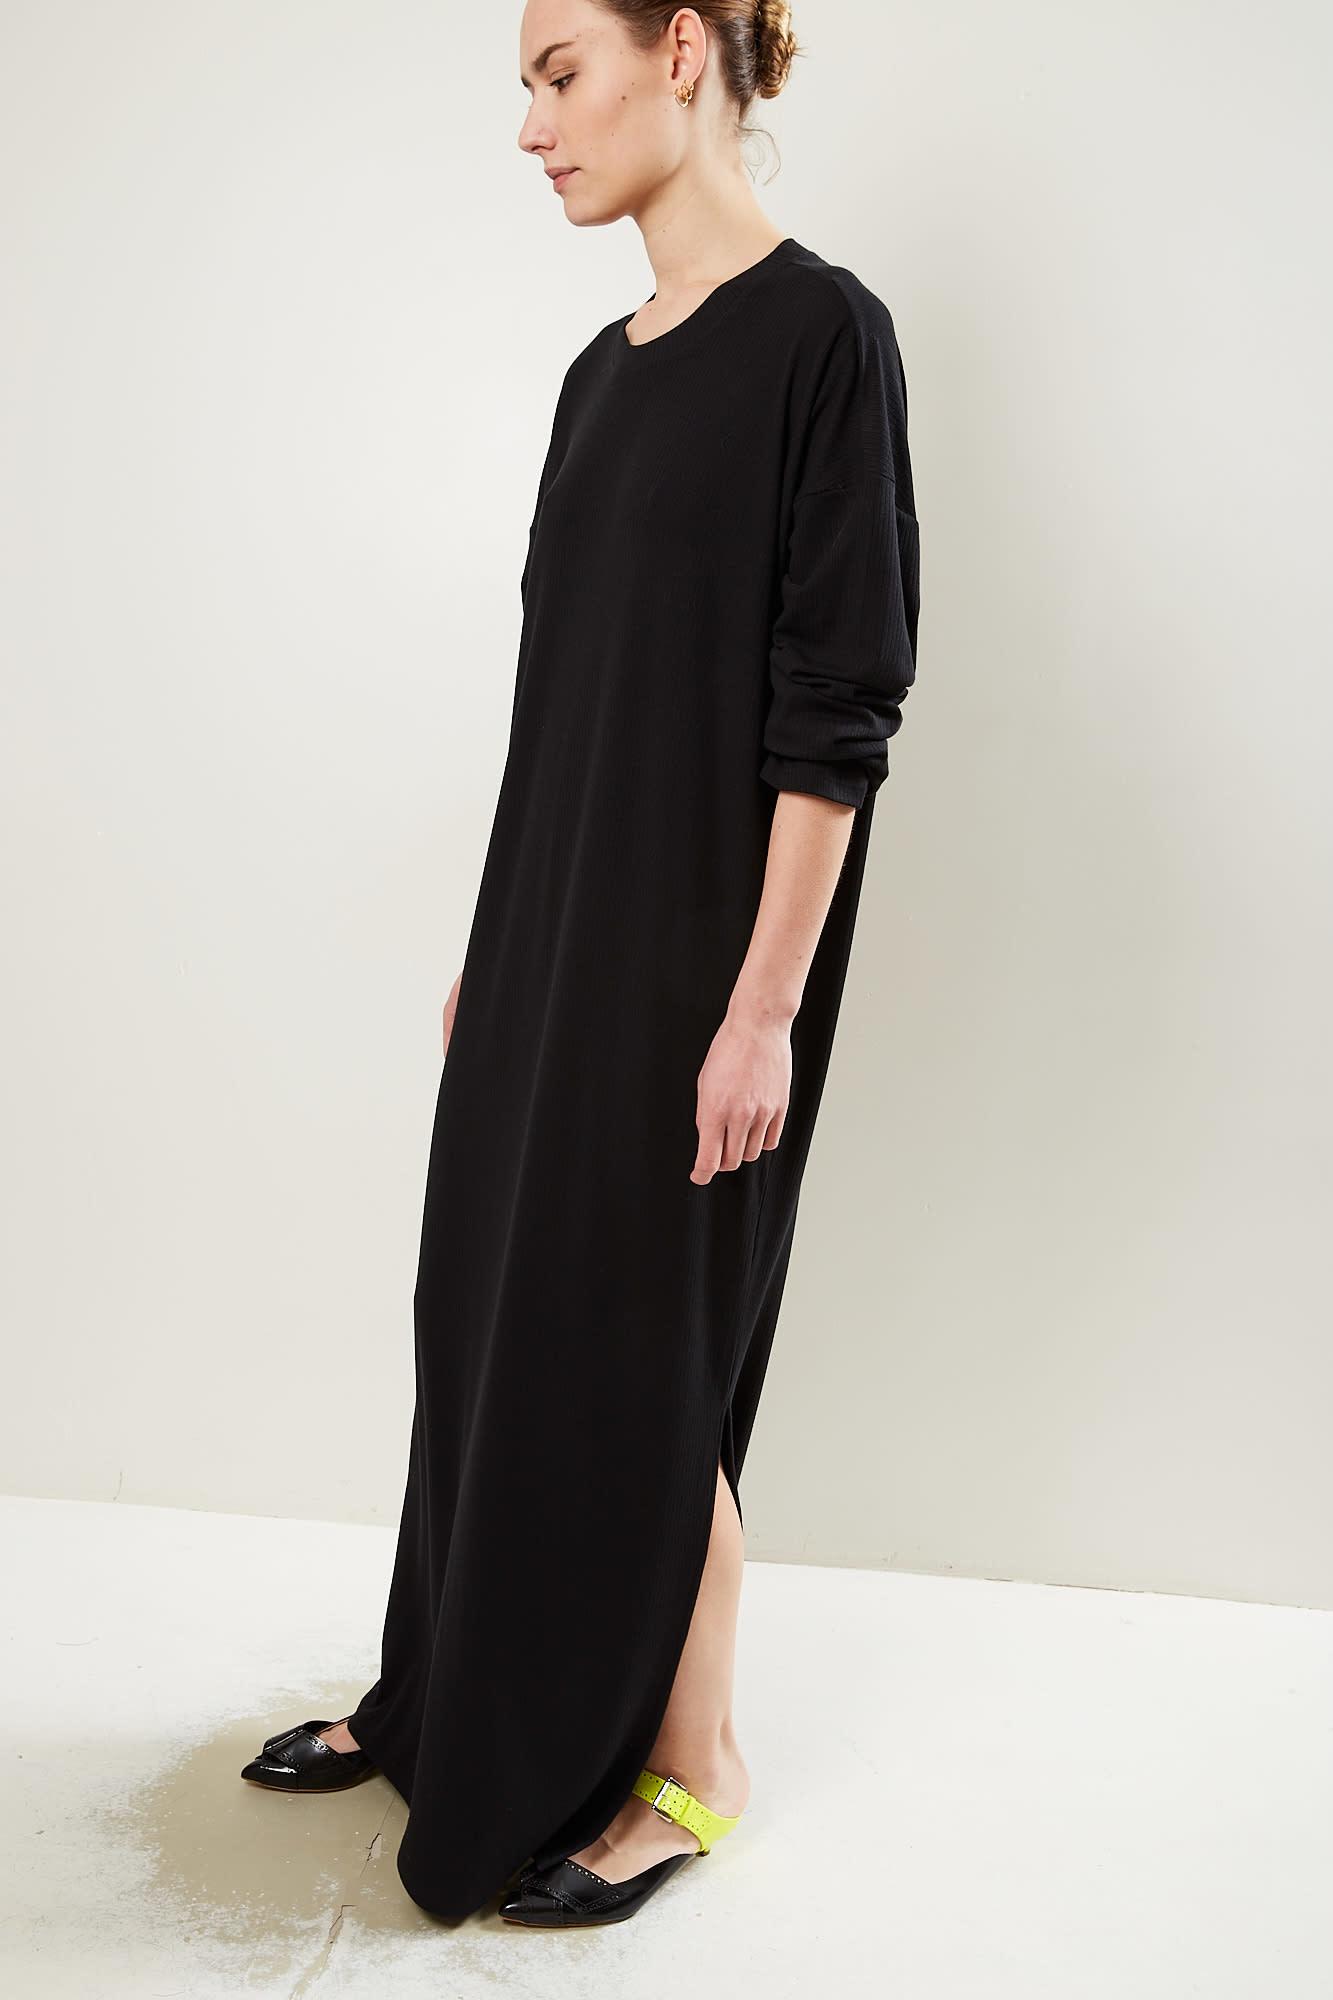 Monique van Heist - Lol split rib dress